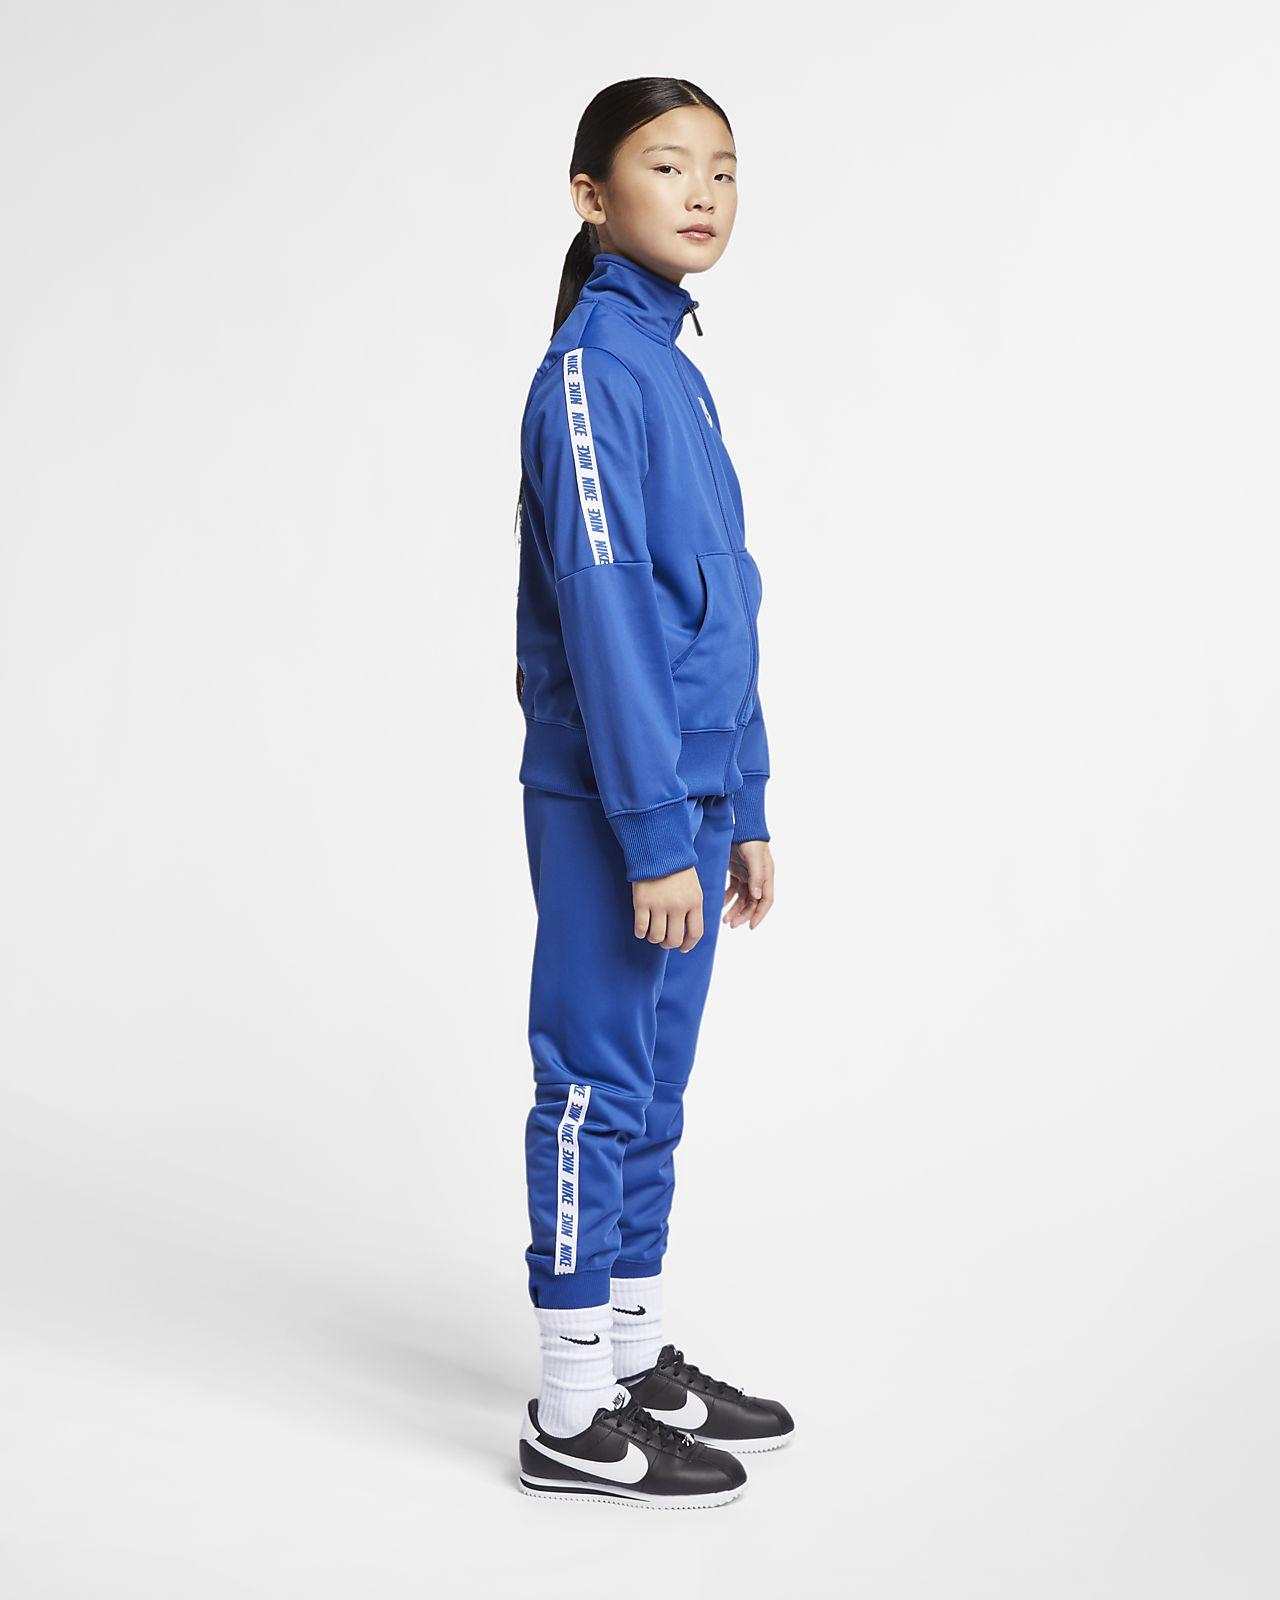 detaillierte Bilder Designermode gesamte Sammlung Nike Sportswear Trainingsanzug für ältere Kinder (Mädchen)